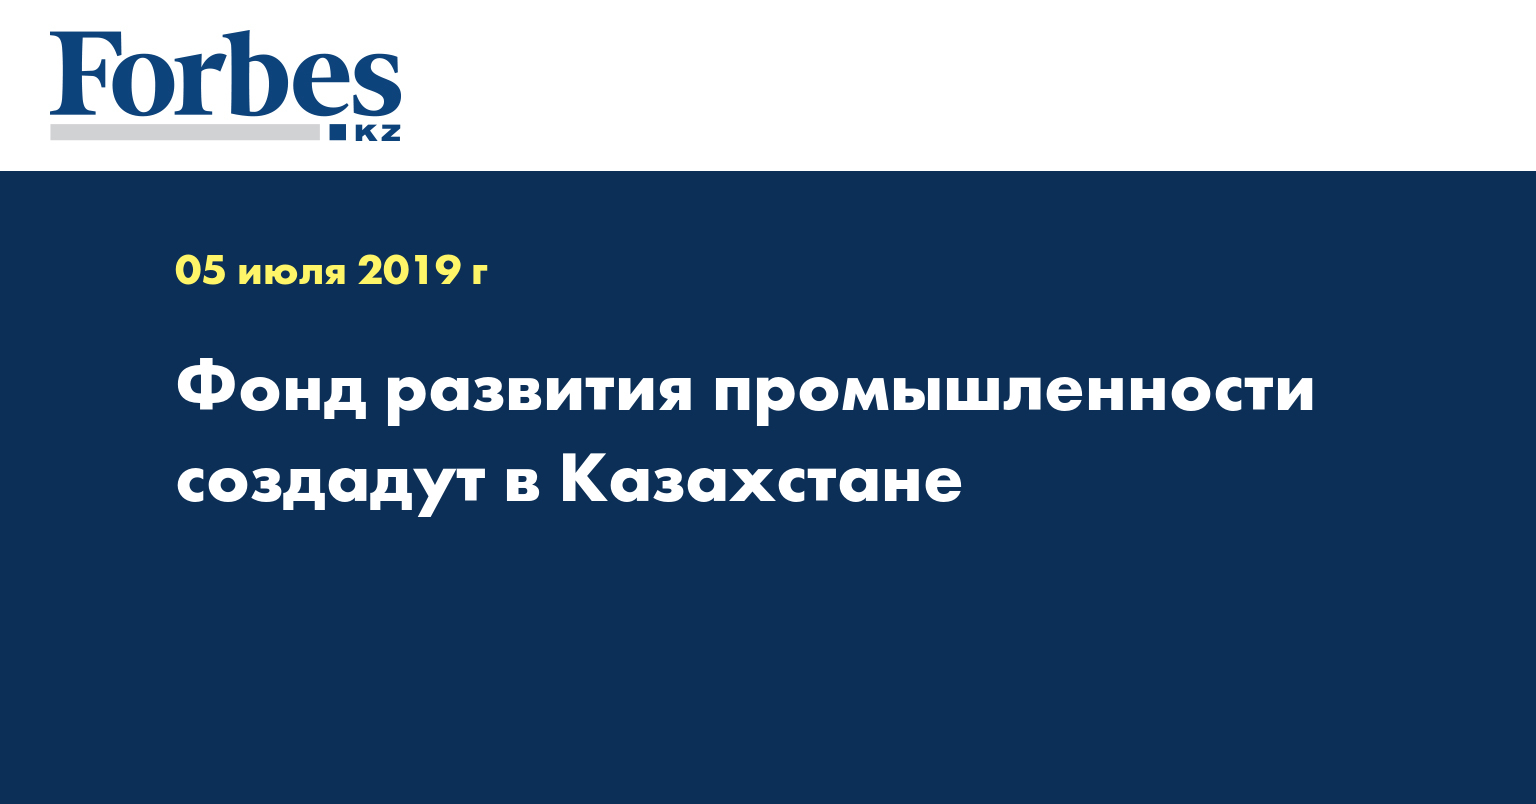 Фонд развития промышленности создадут в Казахстане